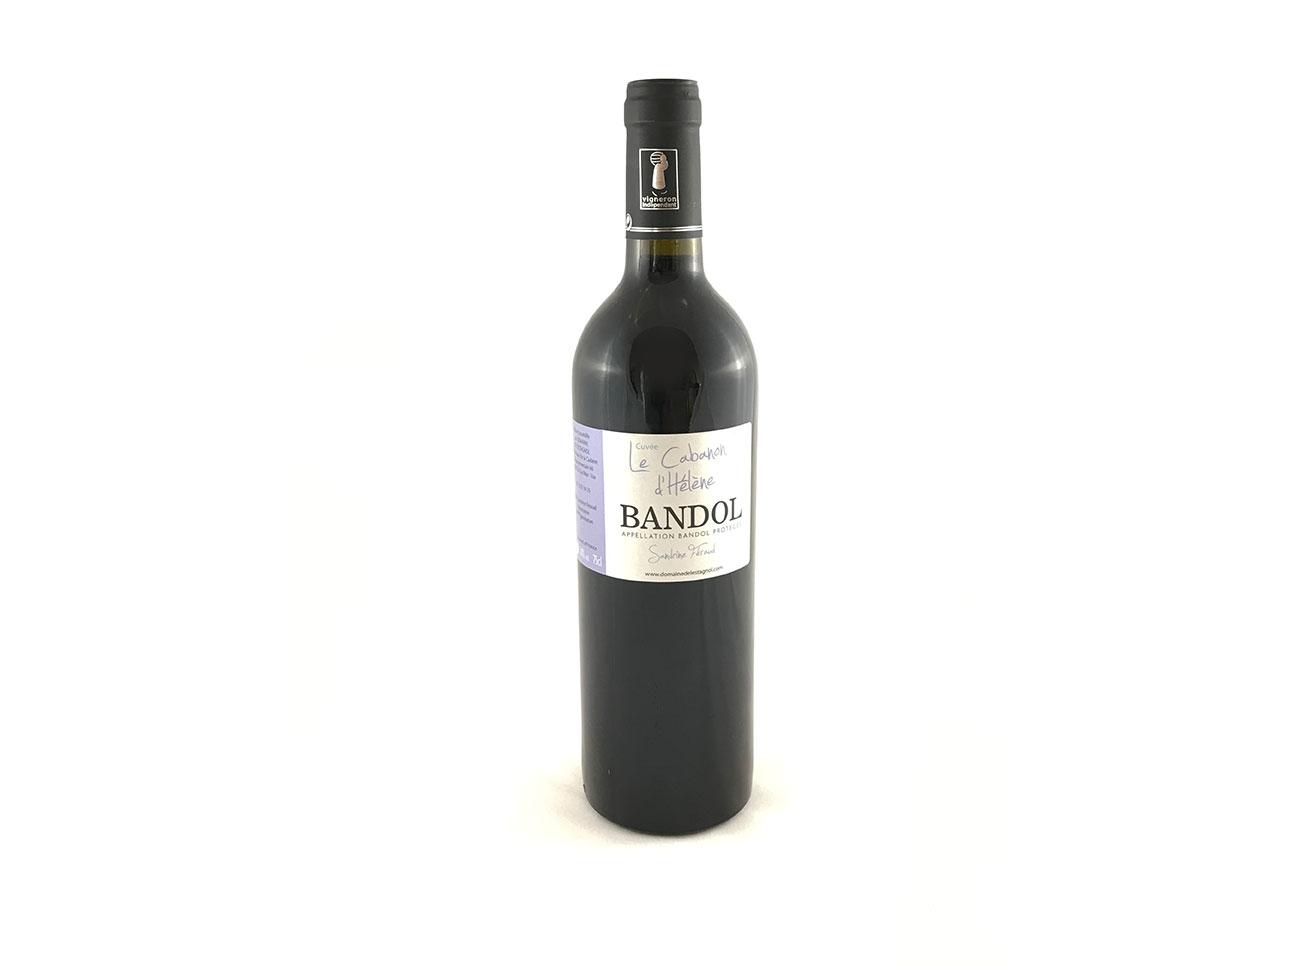 Domaine de l'Estagnol Vin de Bandol 2012 vin rouge